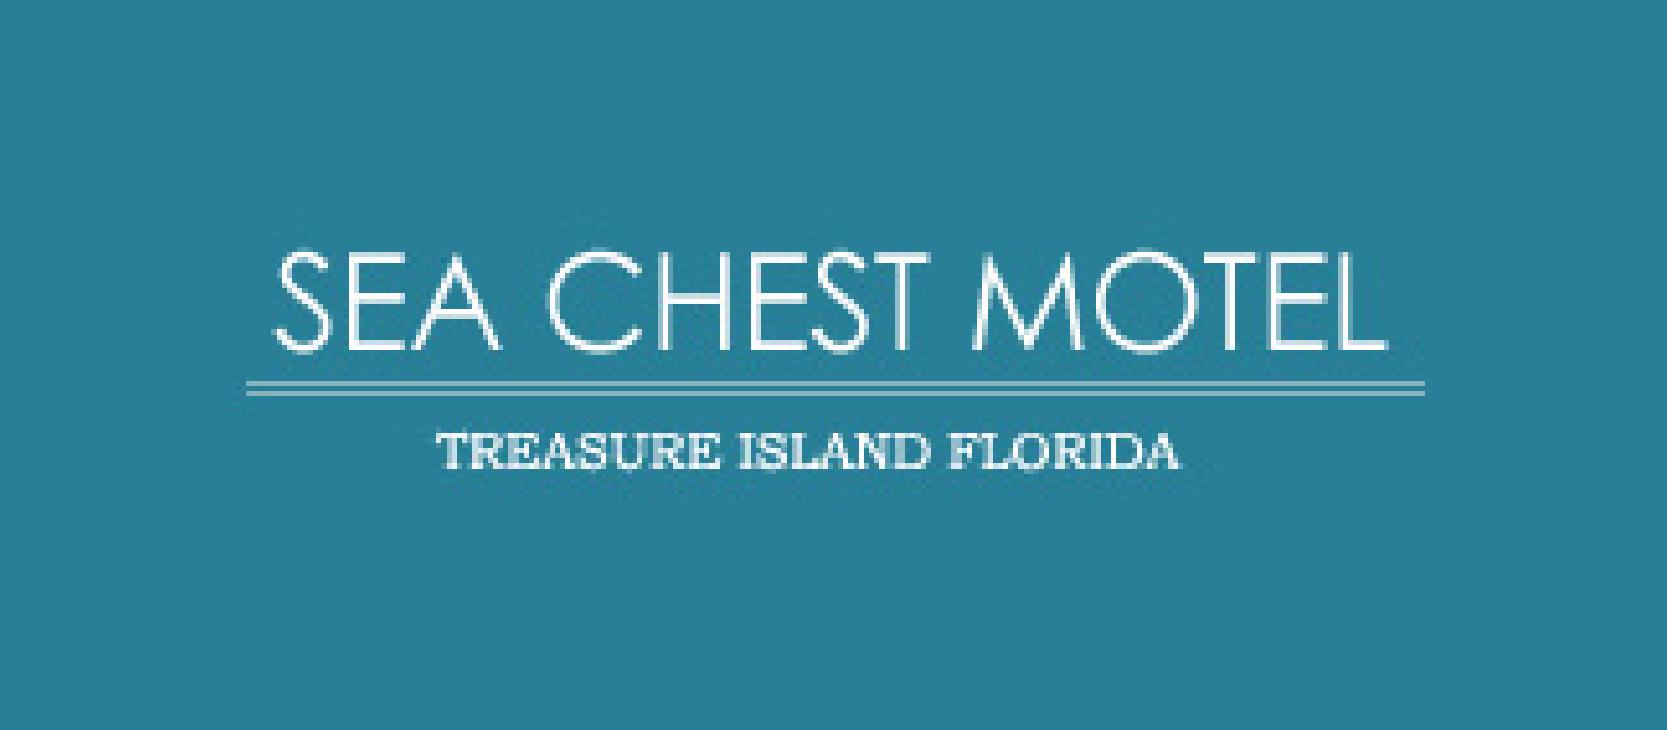 Sea Chest Motel